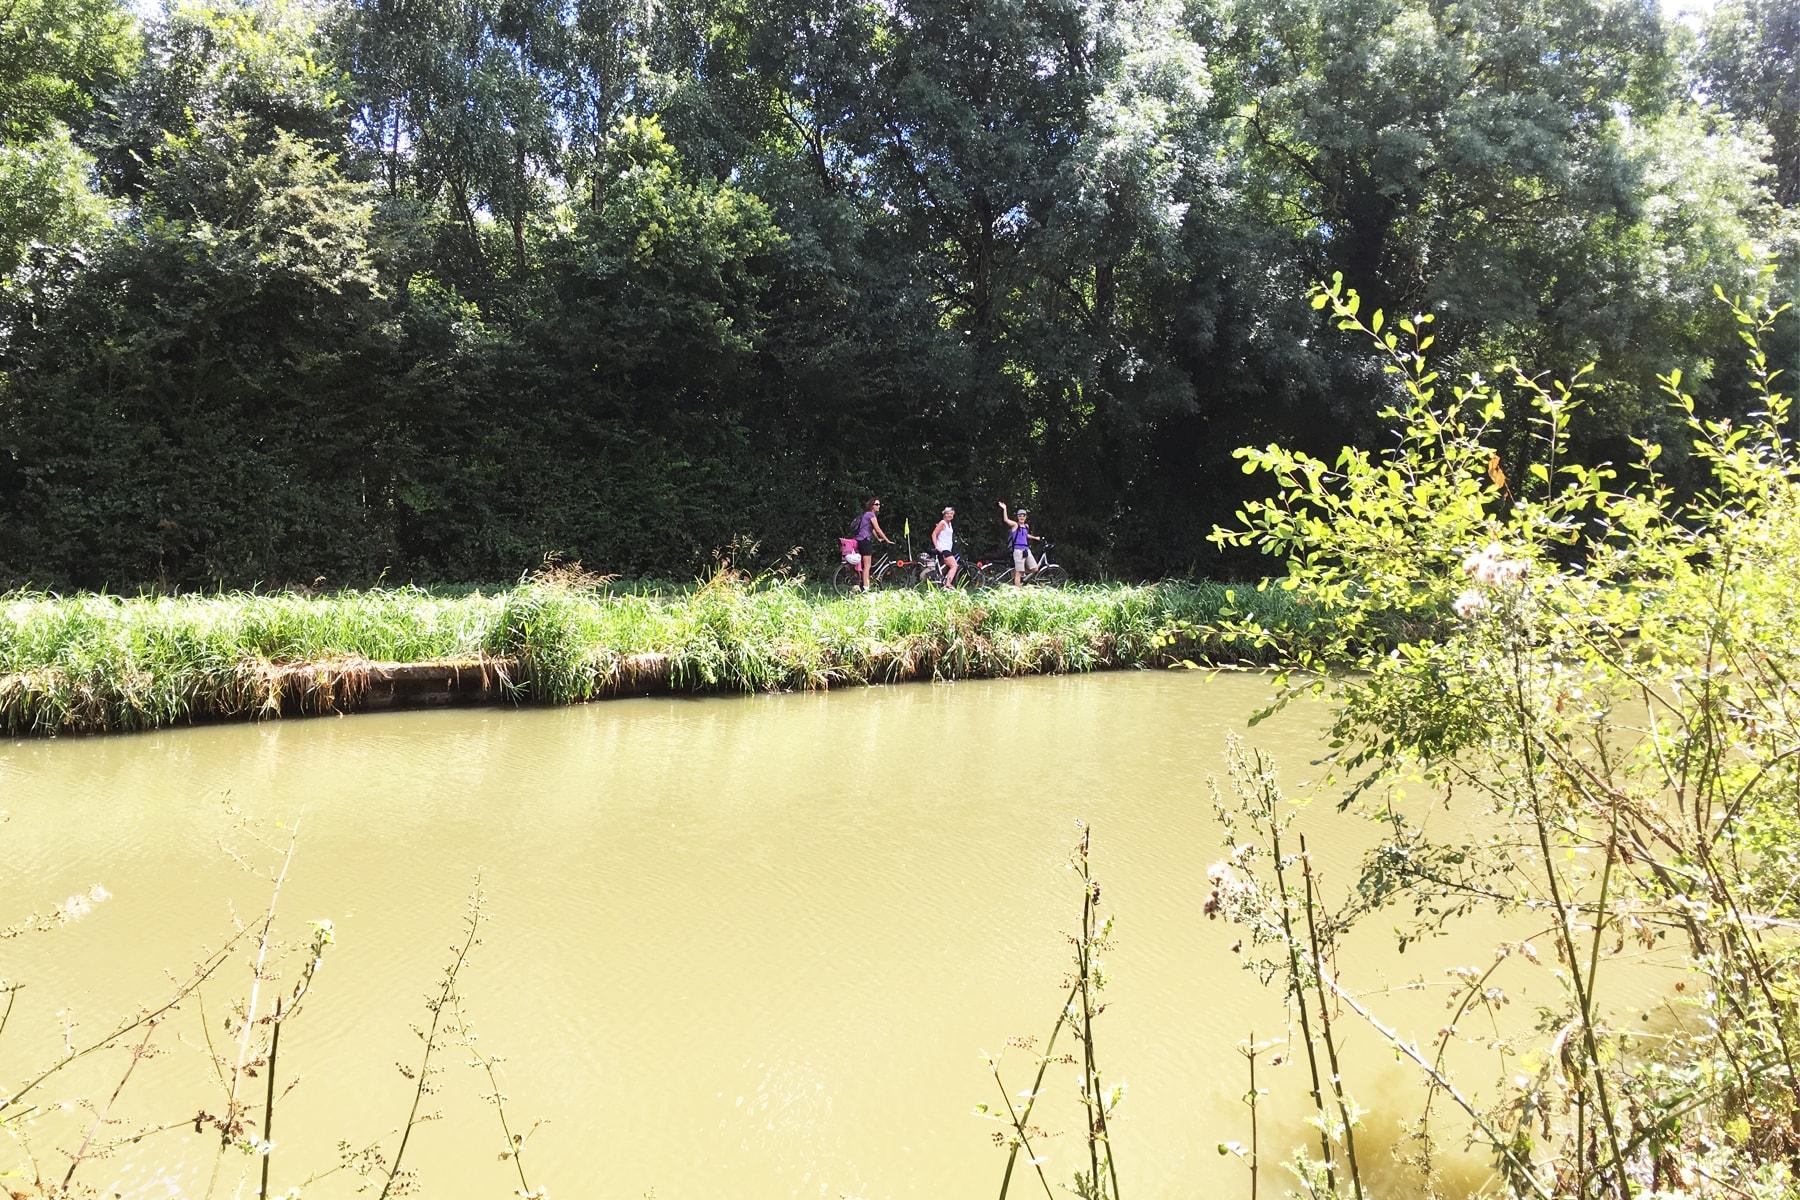 Fin du voyage à vélo sur le canal de Nantes à Brest entre Redon et Blain